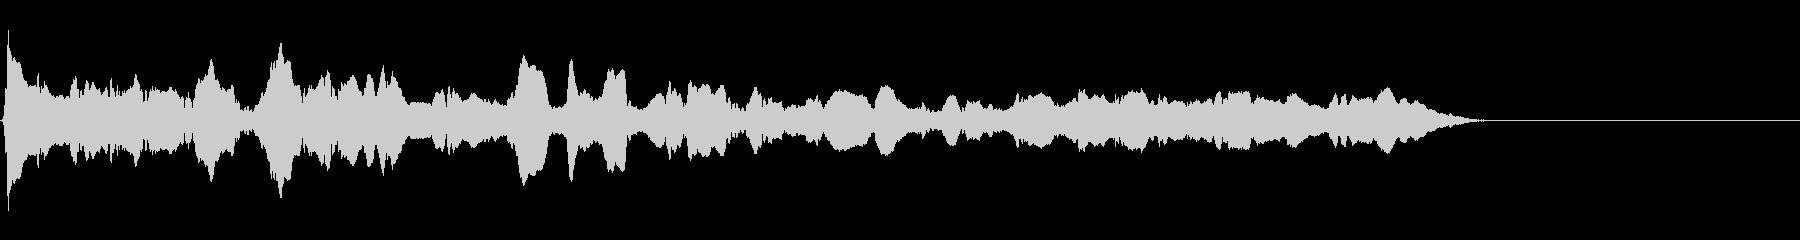 トーンヴァイオリングリスダウンwavの未再生の波形